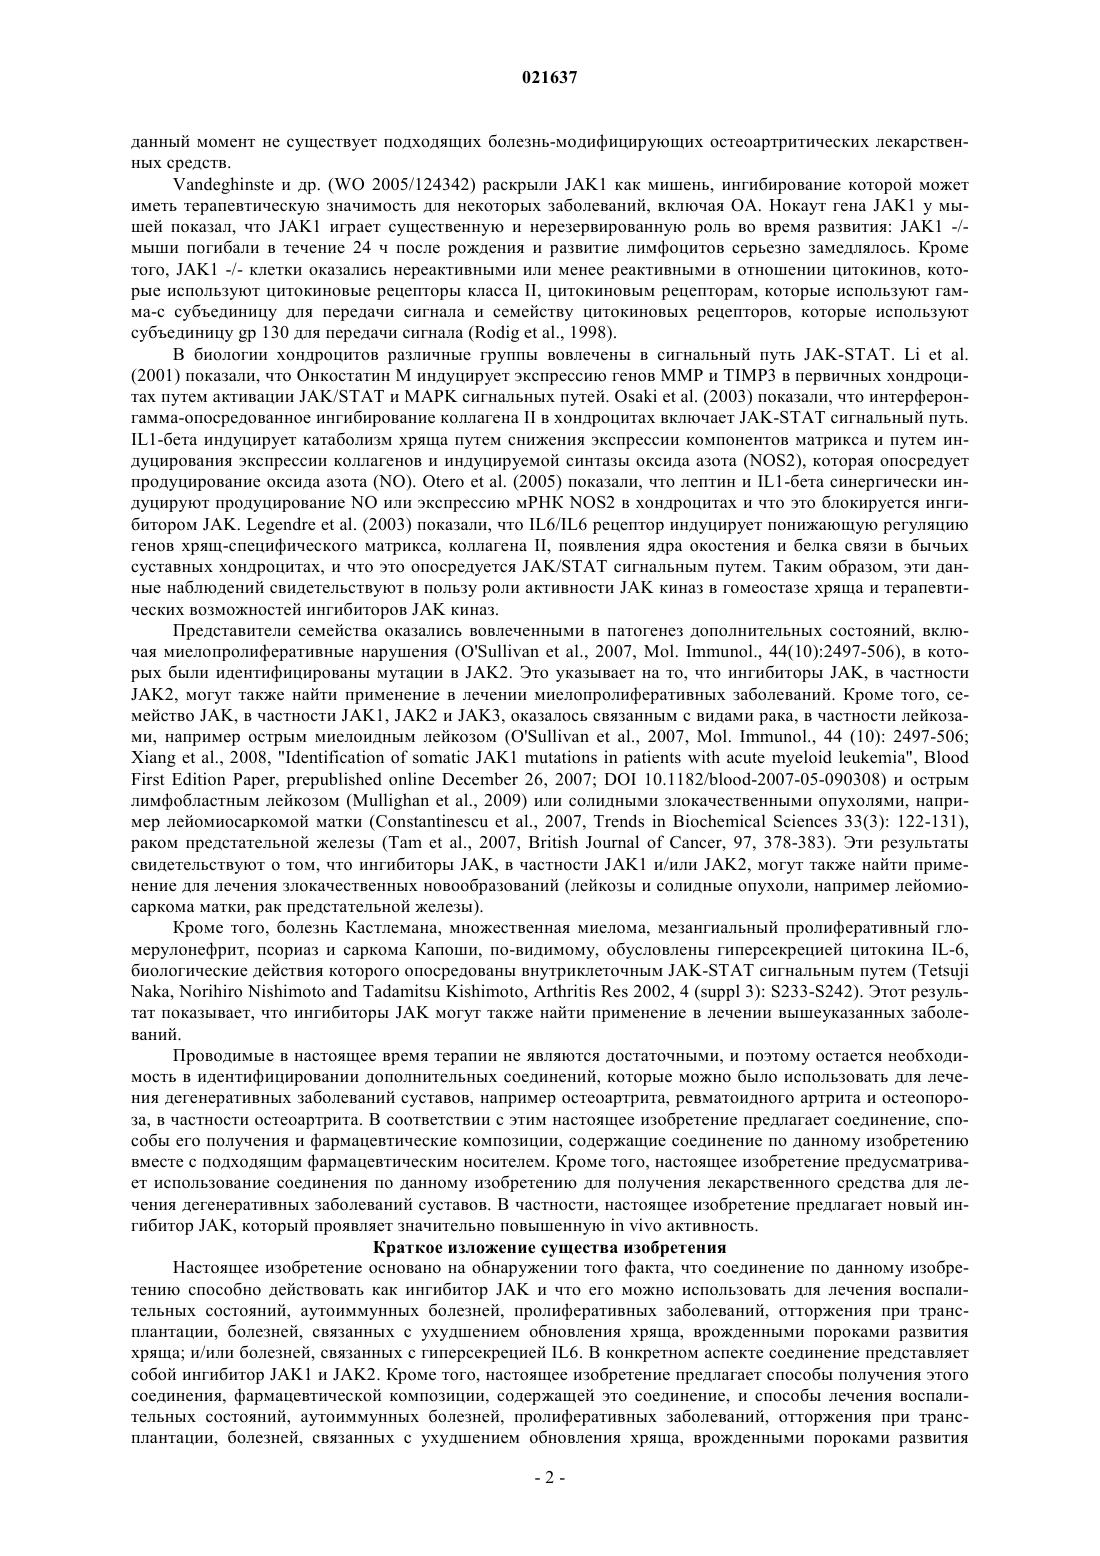 Психология: первопричина - бесплатные статьи по психологии в доме солнца